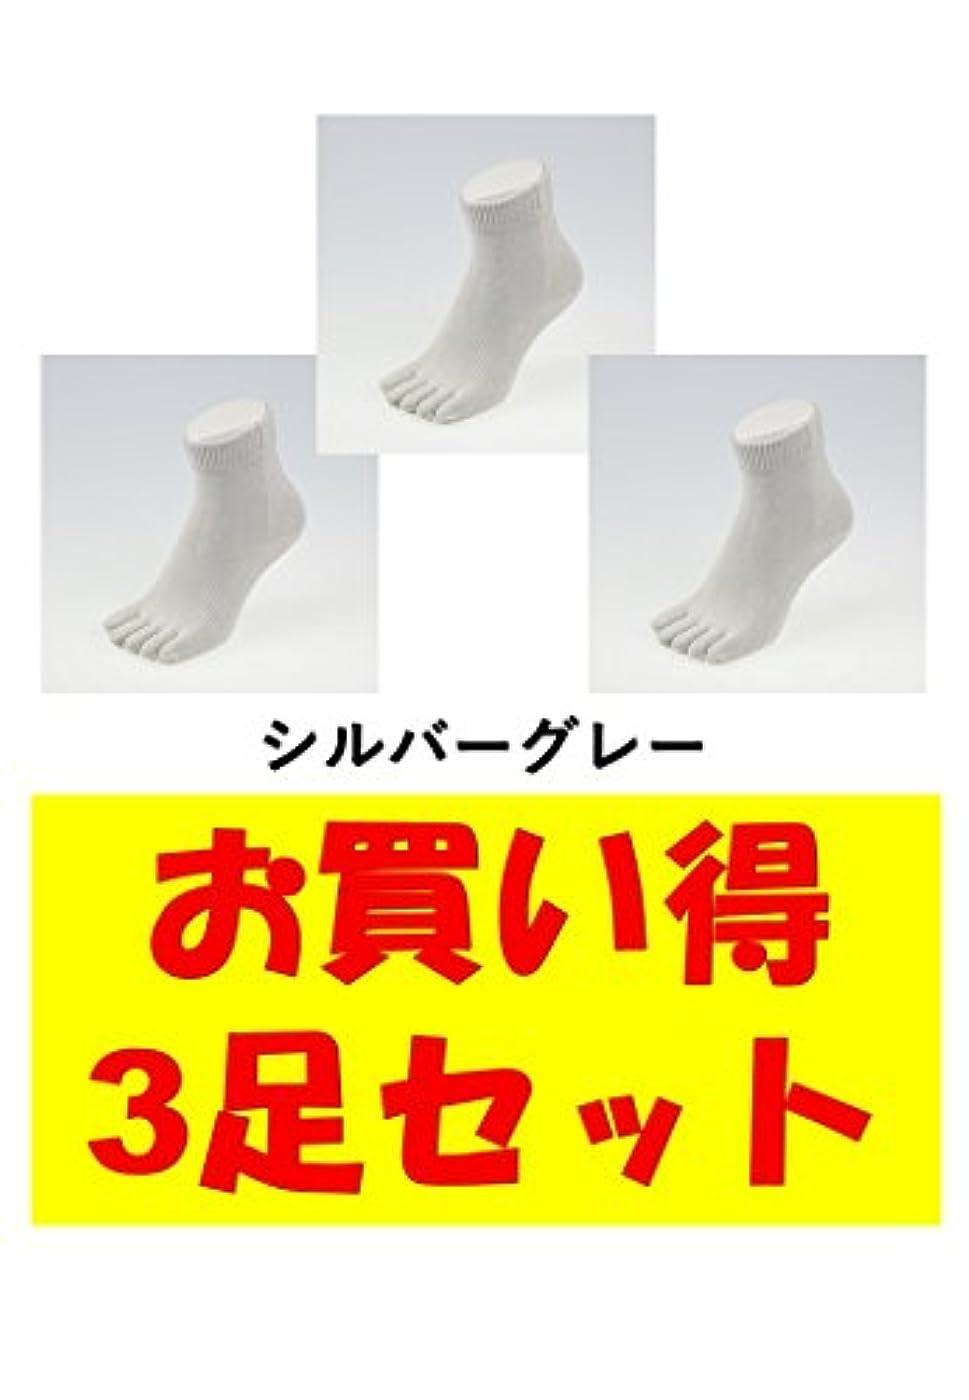 シェーバー母性最初お買い得3足セット 5本指 ゆびのばソックス Neo EVE(イヴ) シルバーグレー Sサイズ(21.0cm - 24.0cm) YSNEVE-SGL